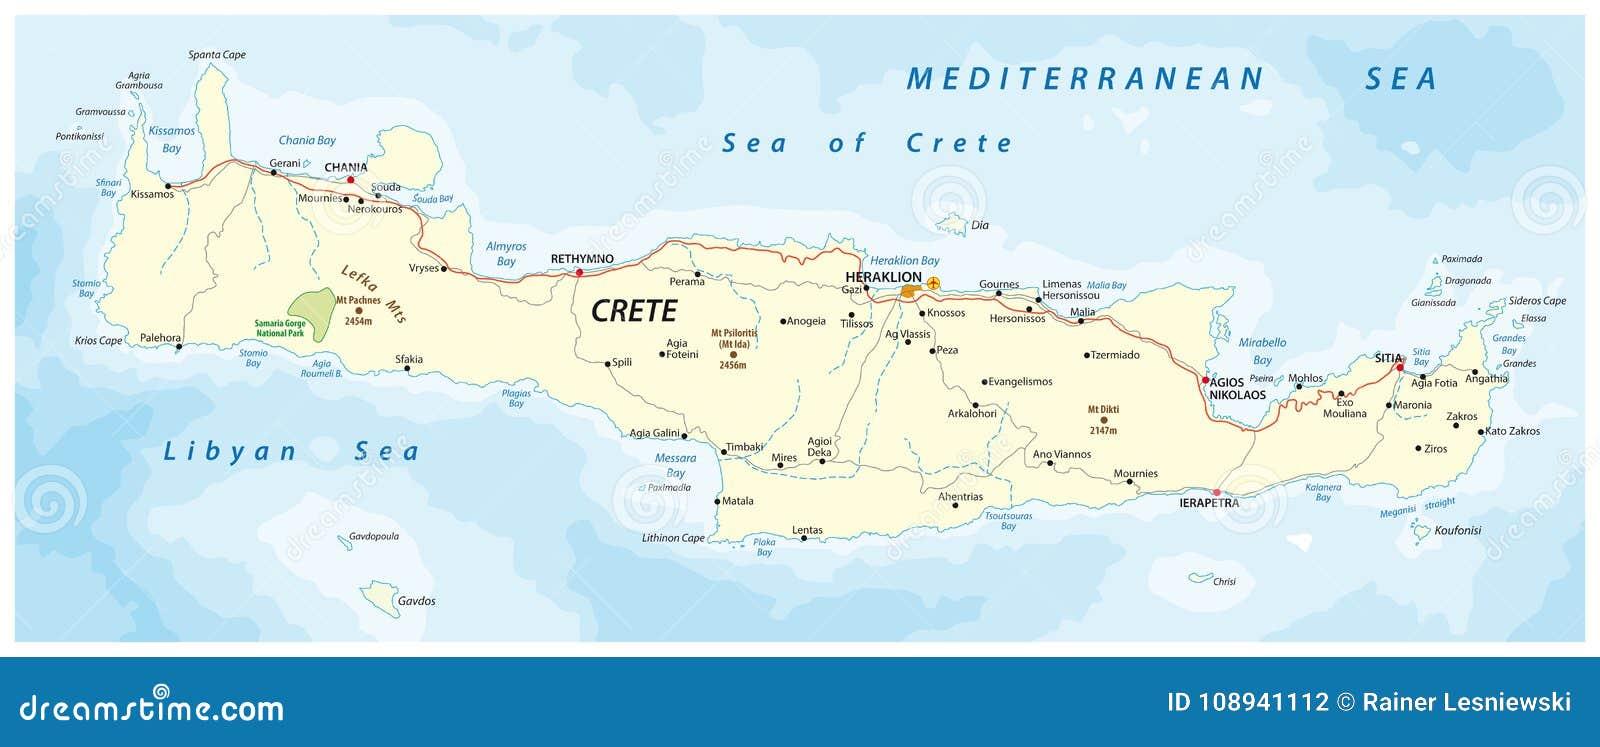 Cartina Geografica Dell Isola Di Creta.Mappa Stradale Di Vettore Dell Isola Mediterranea Greca Creta Illustrazione Vettoriale Illustrazione Di Strada Grafico 108941112